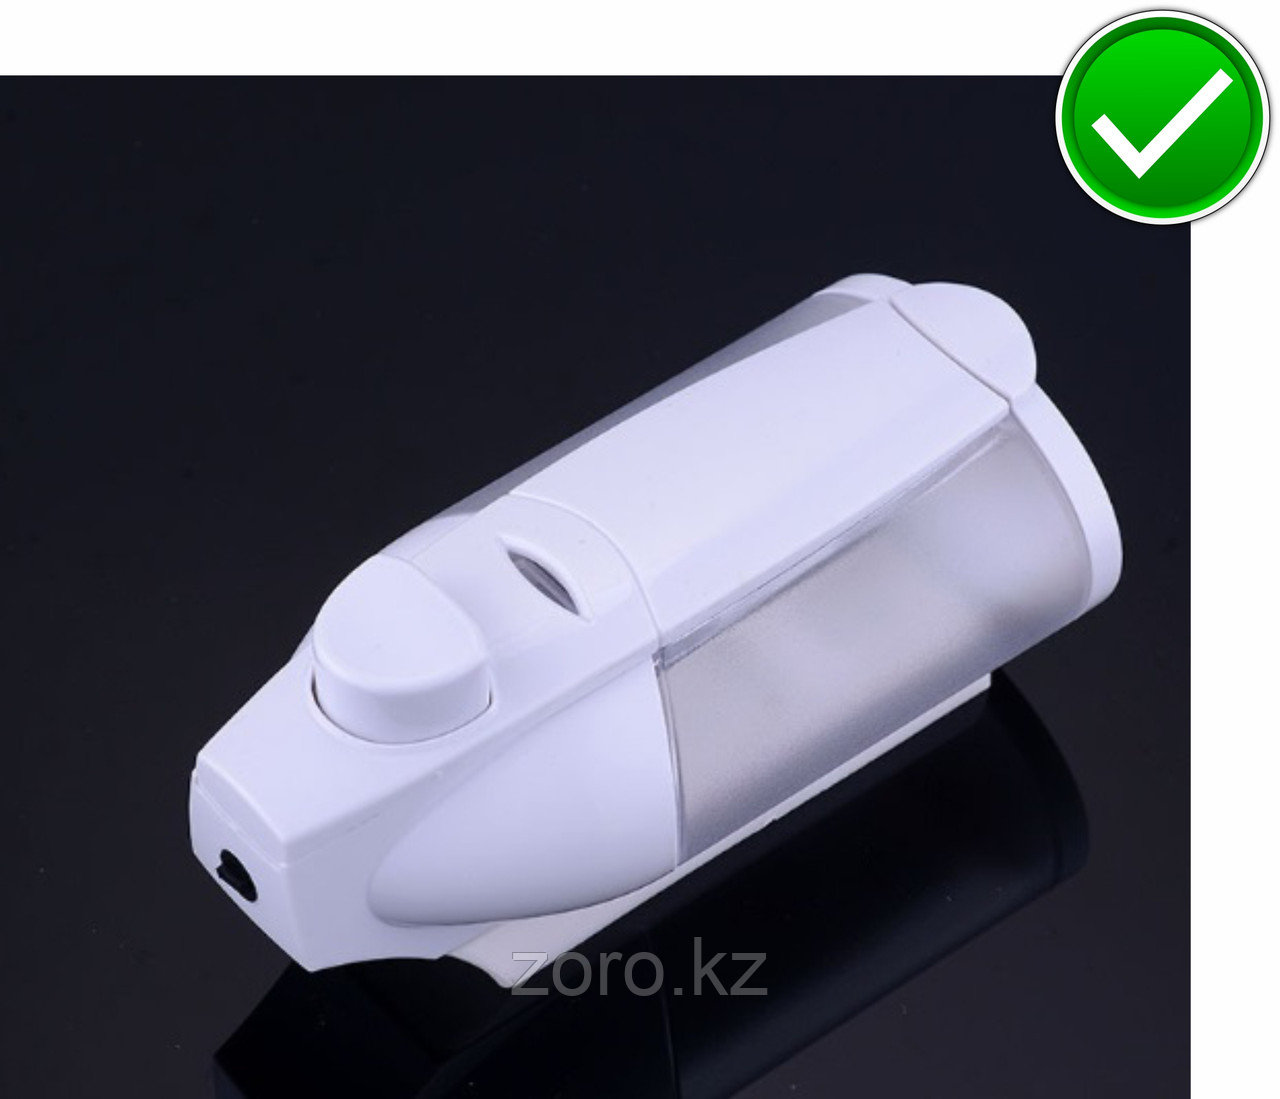 Дозатор (диспенсер) для жидкого мыла 320 мл.Белый цвет. Мыльница.